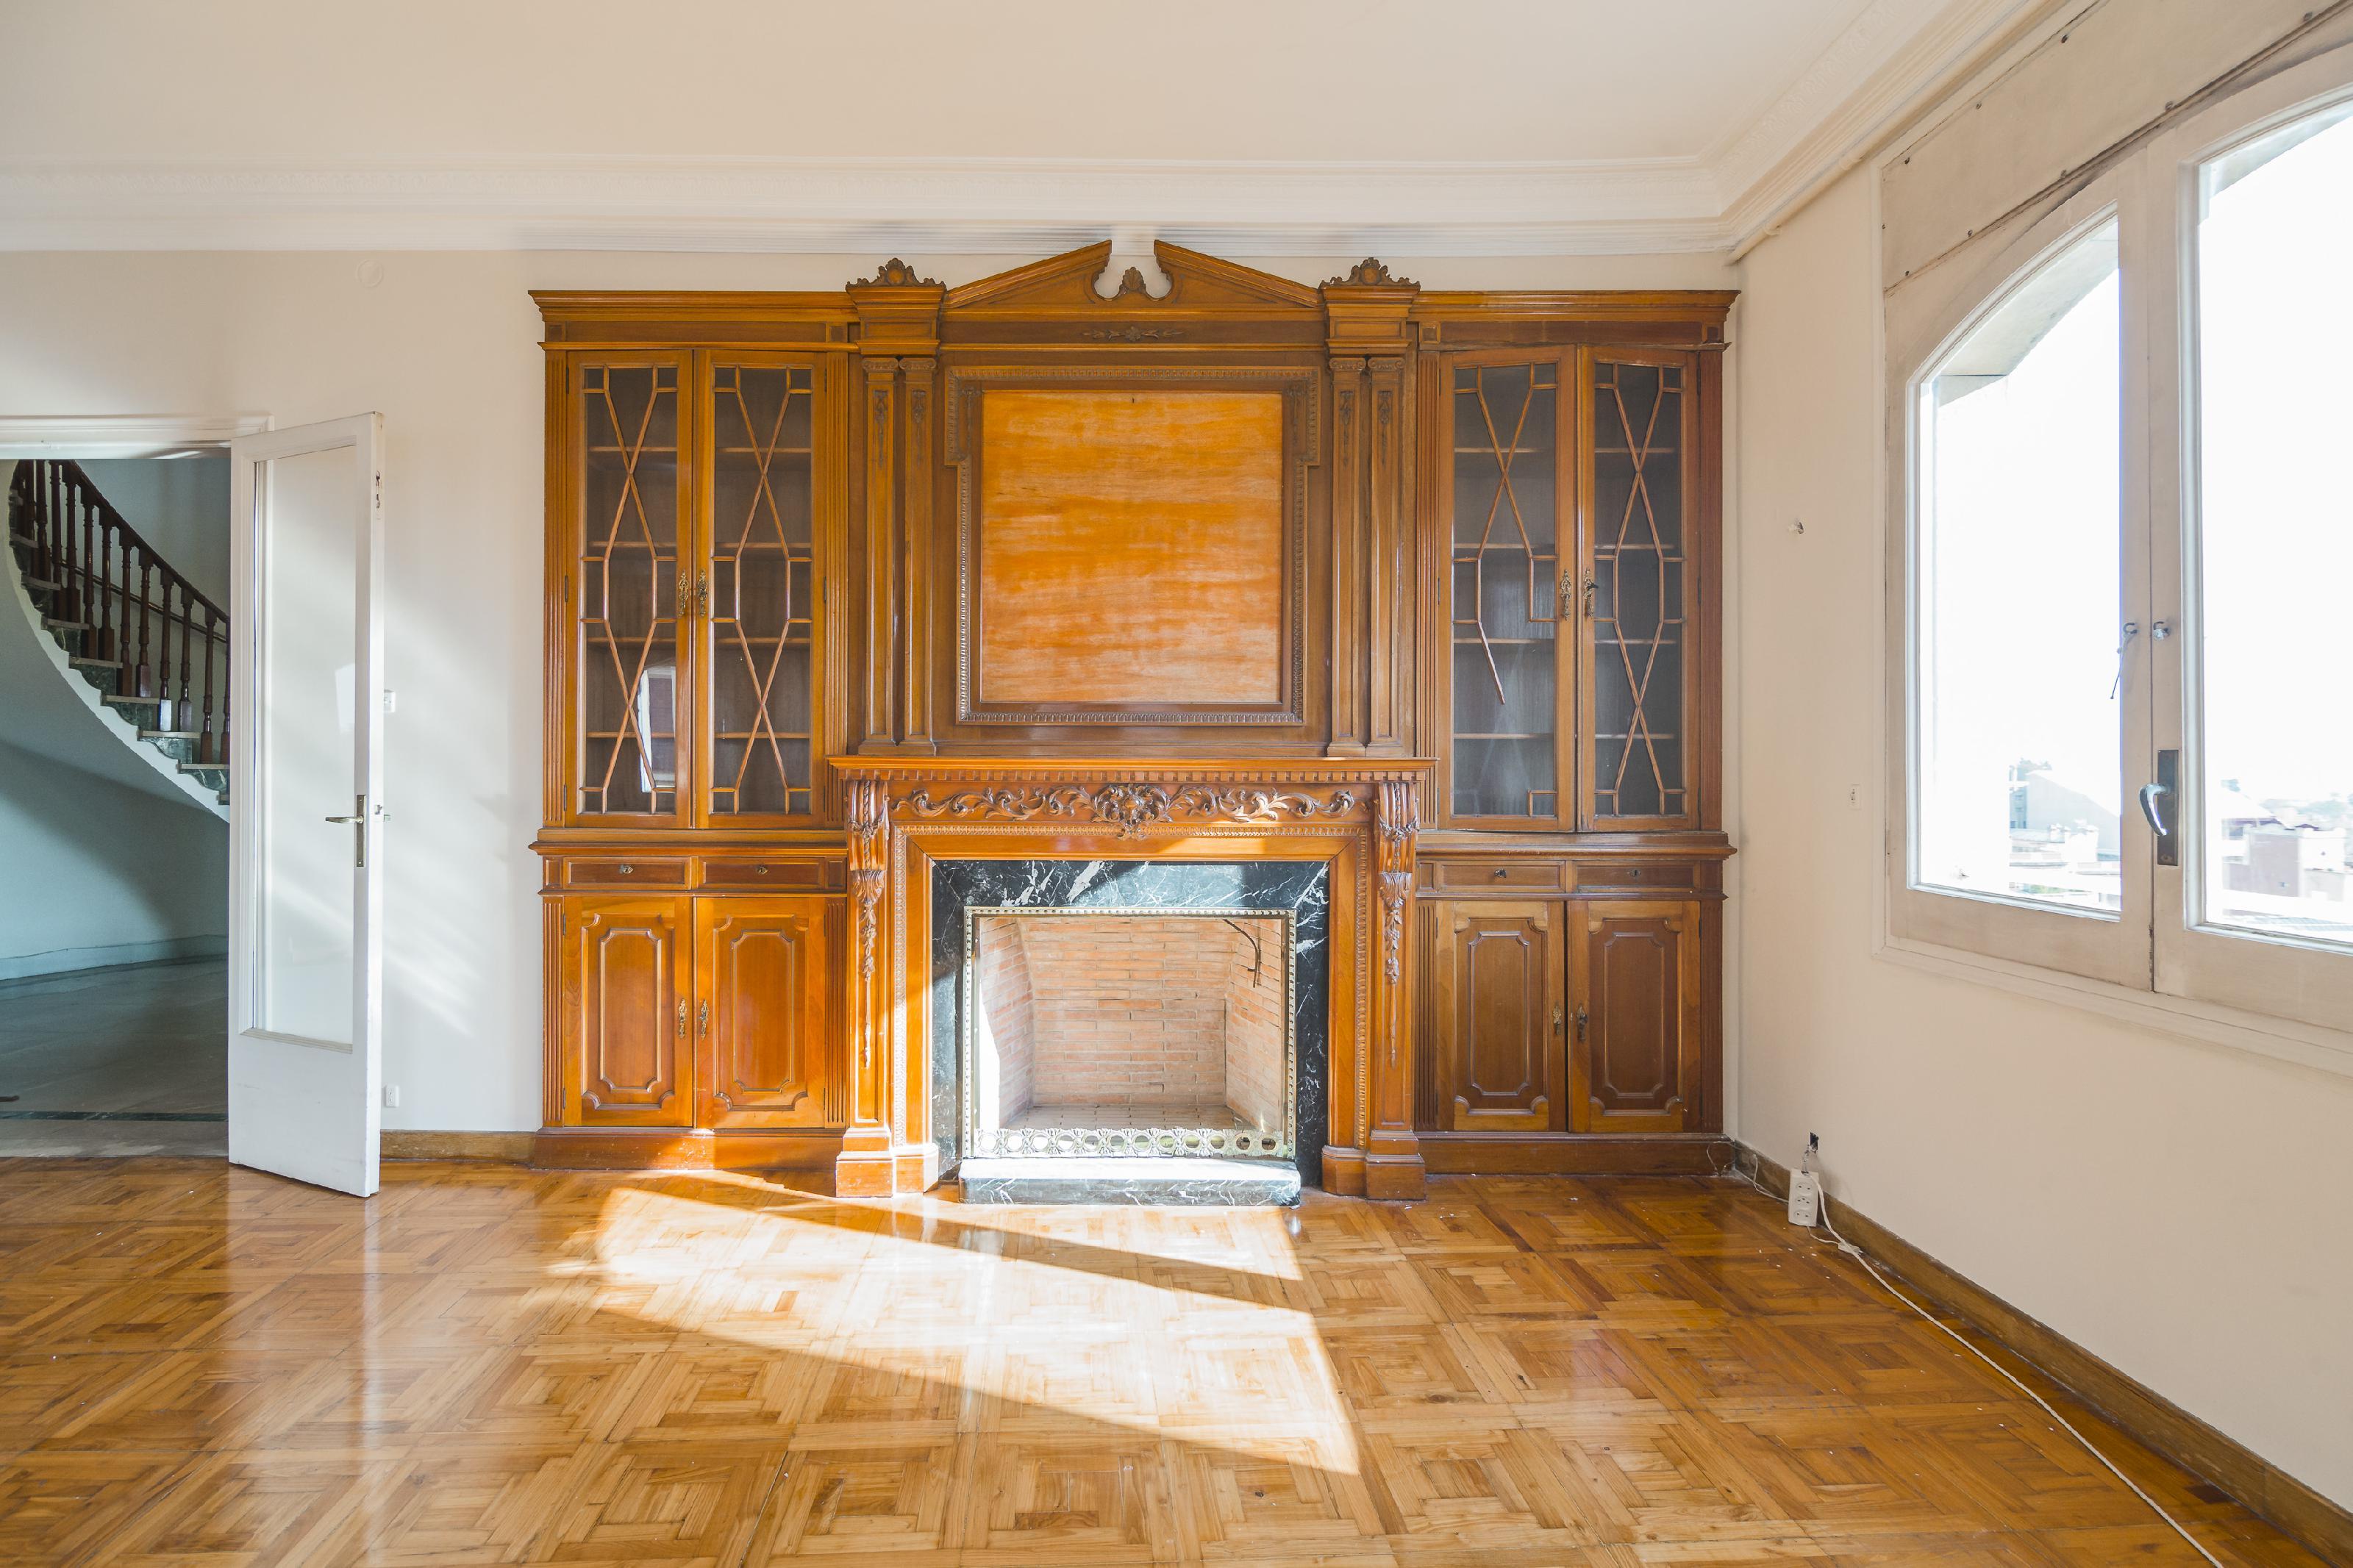 246643 Ático en venda en Sarrià-Sant Gervasi, St. Gervasi-Bonanova 12